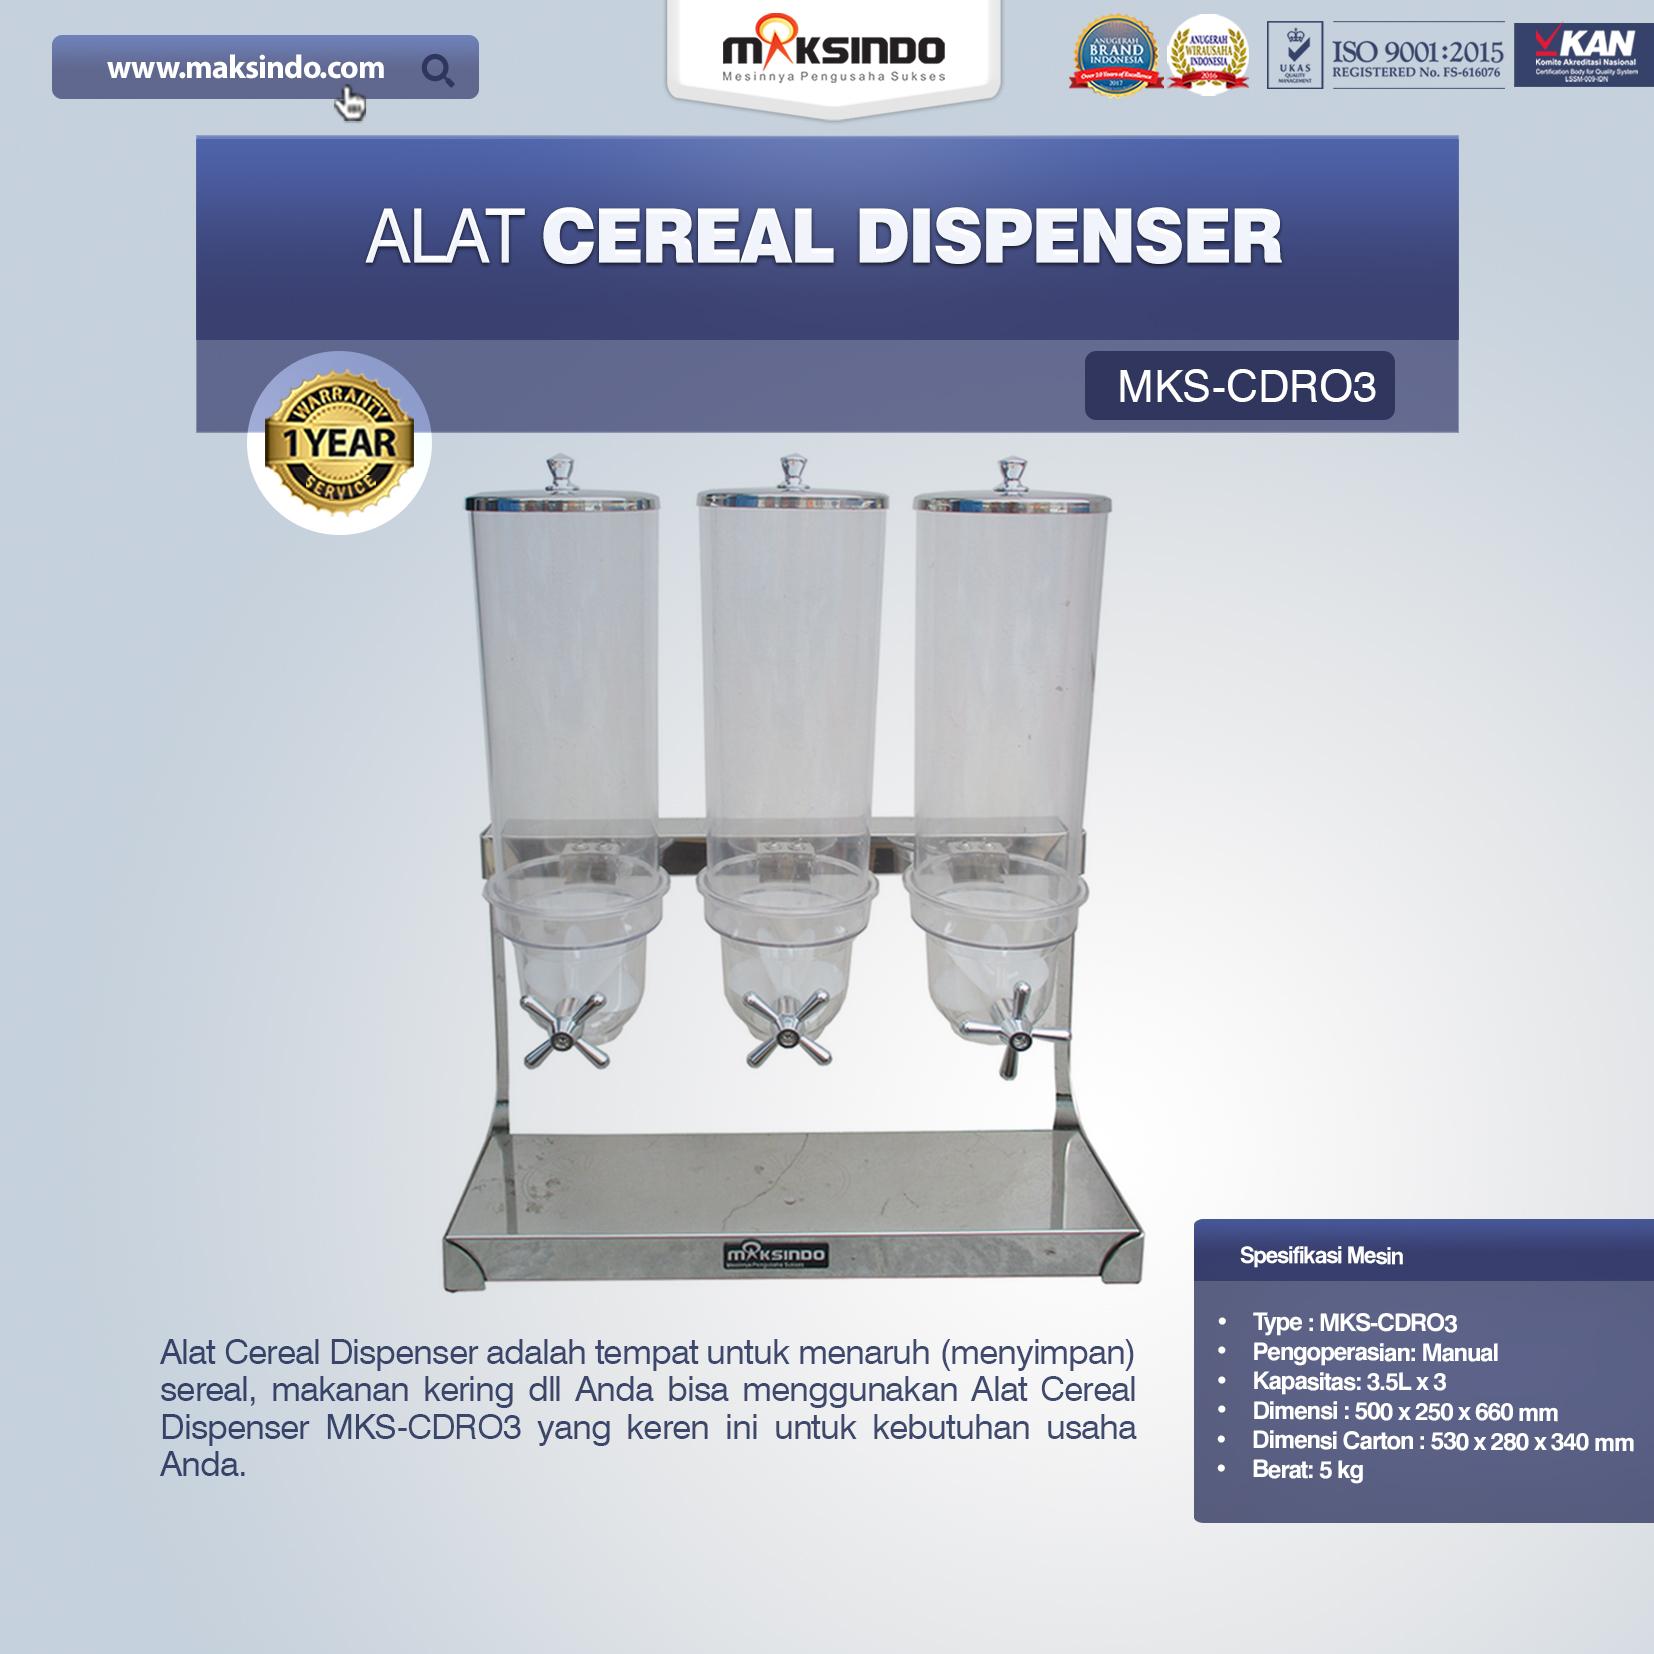 Jual Alat Cereal Dispenser MKS-CDR03 di Malang